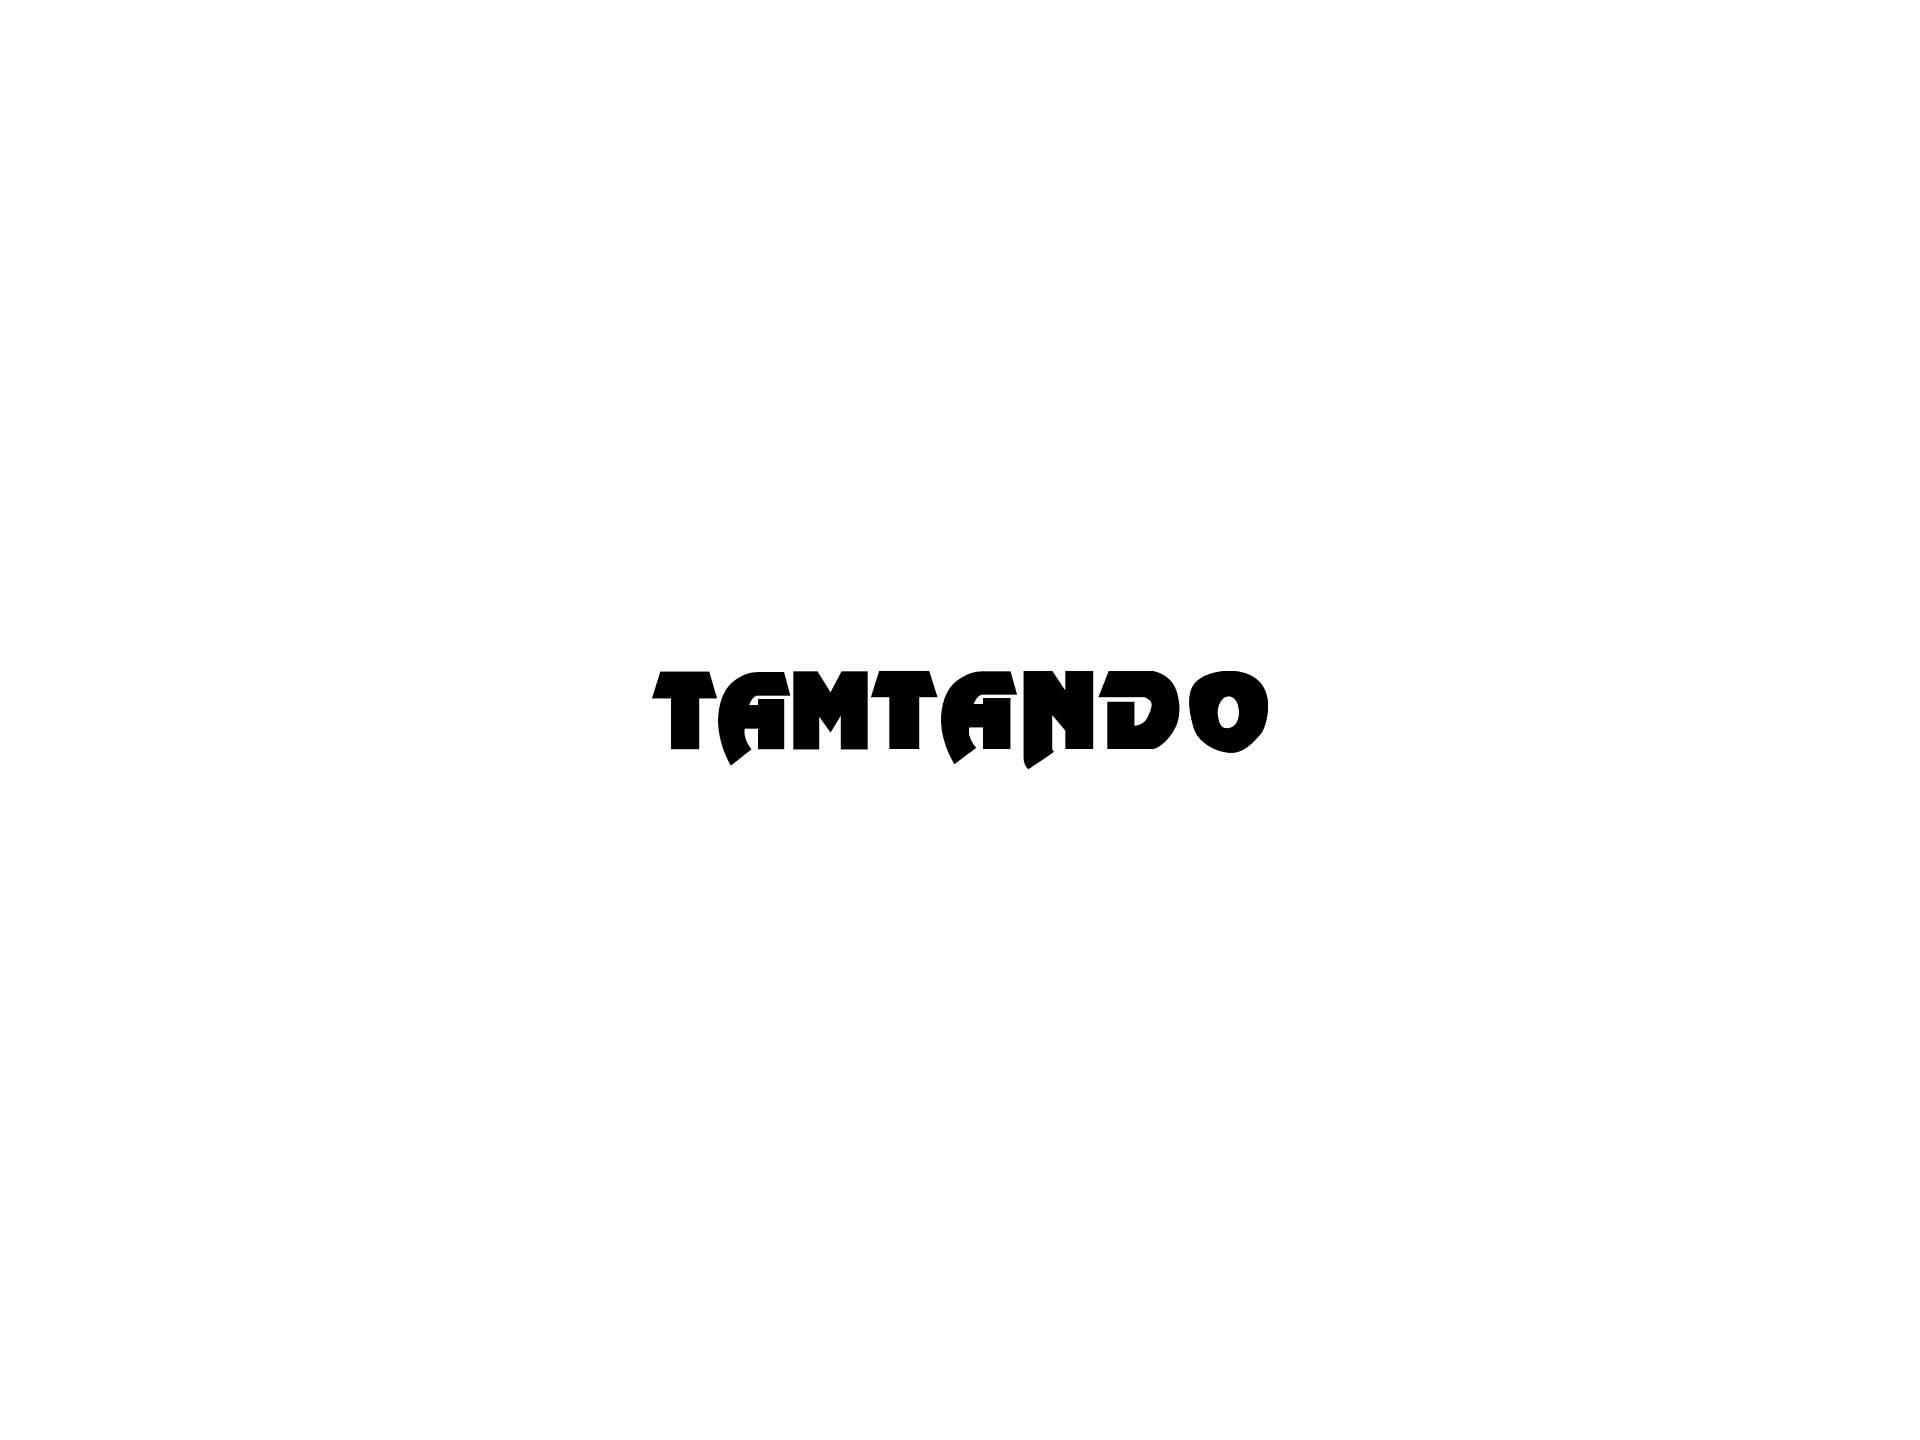 TAMTANDO_XXBOOK_146